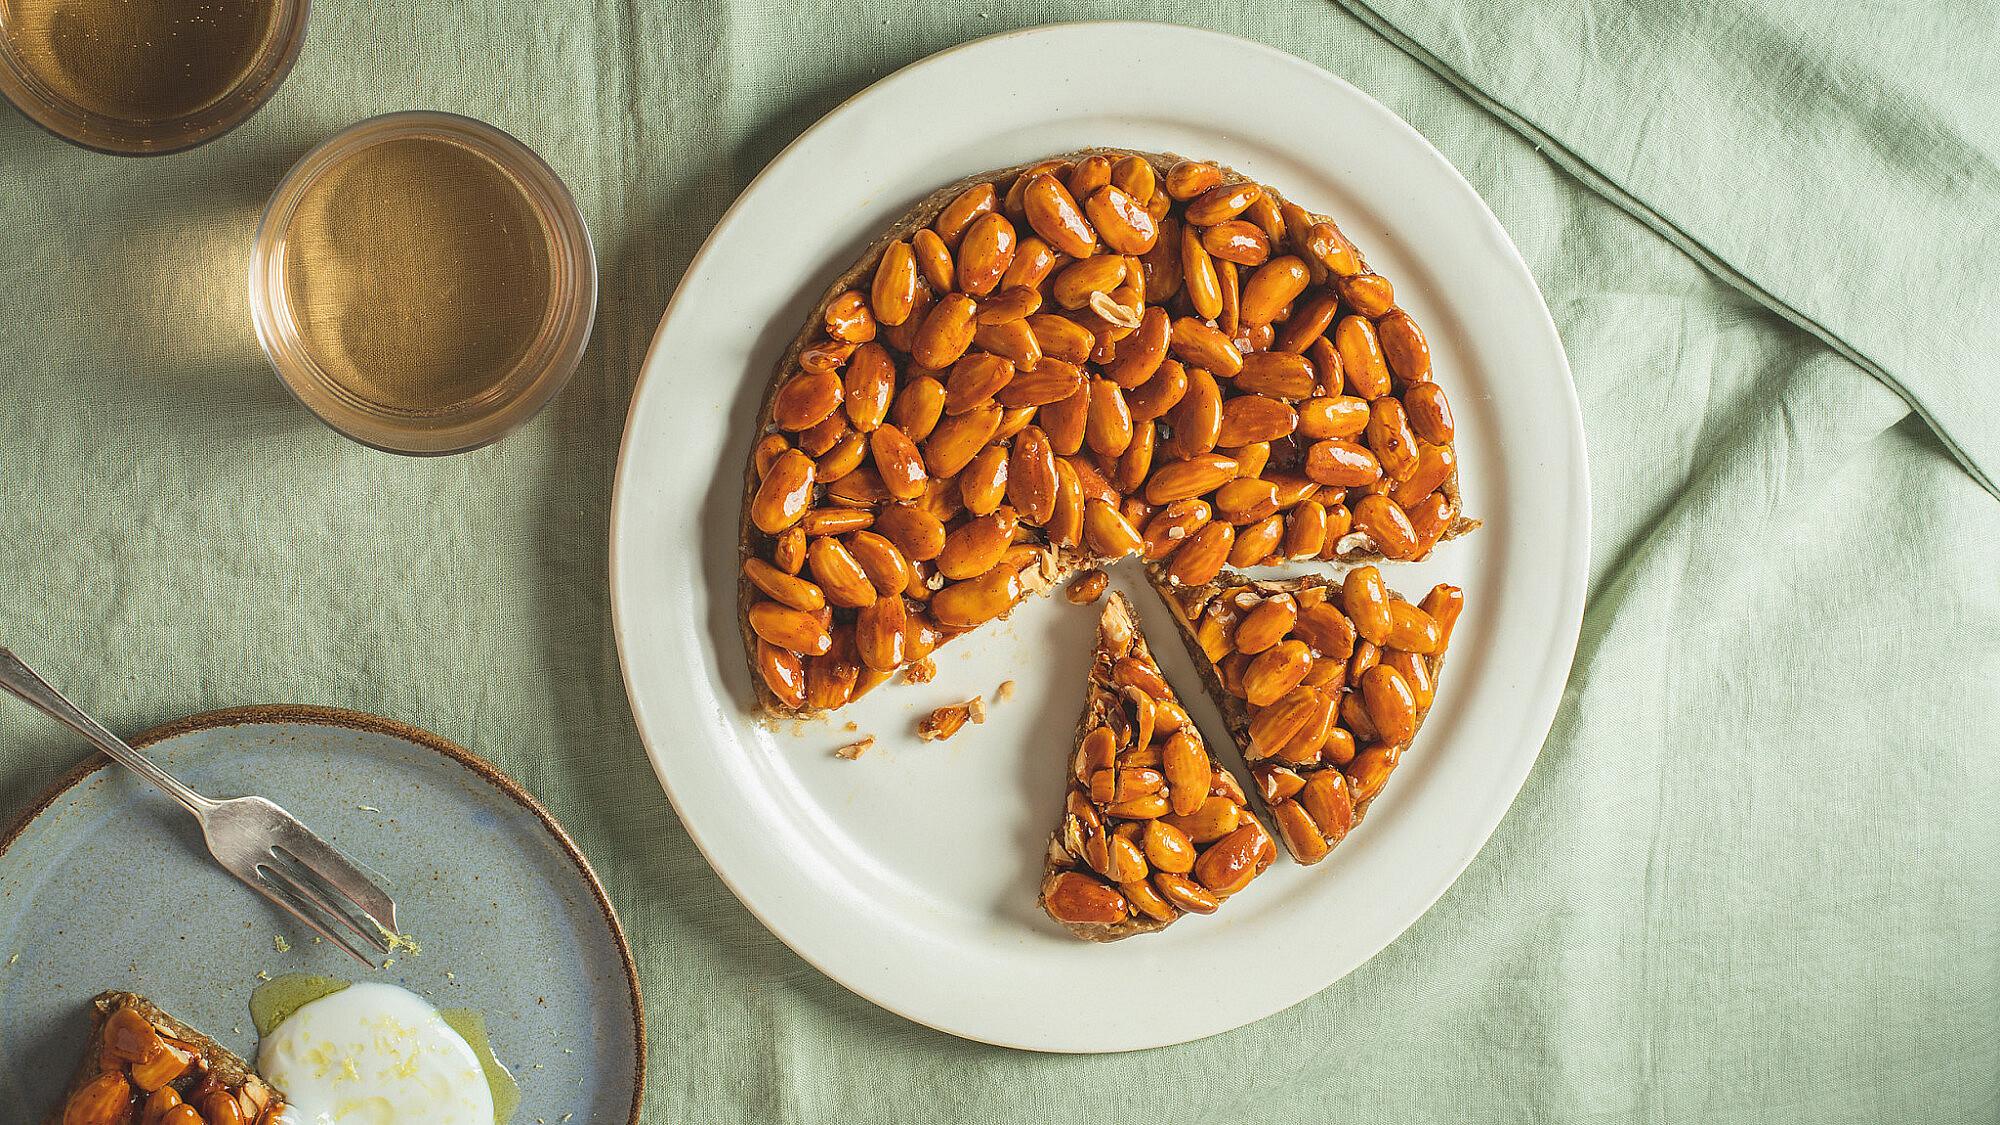 עוגת תמרים ושקדים מקורמלים של רינת צדוק. צילום: שני בריל   סטיילינג: אינה גוטמן